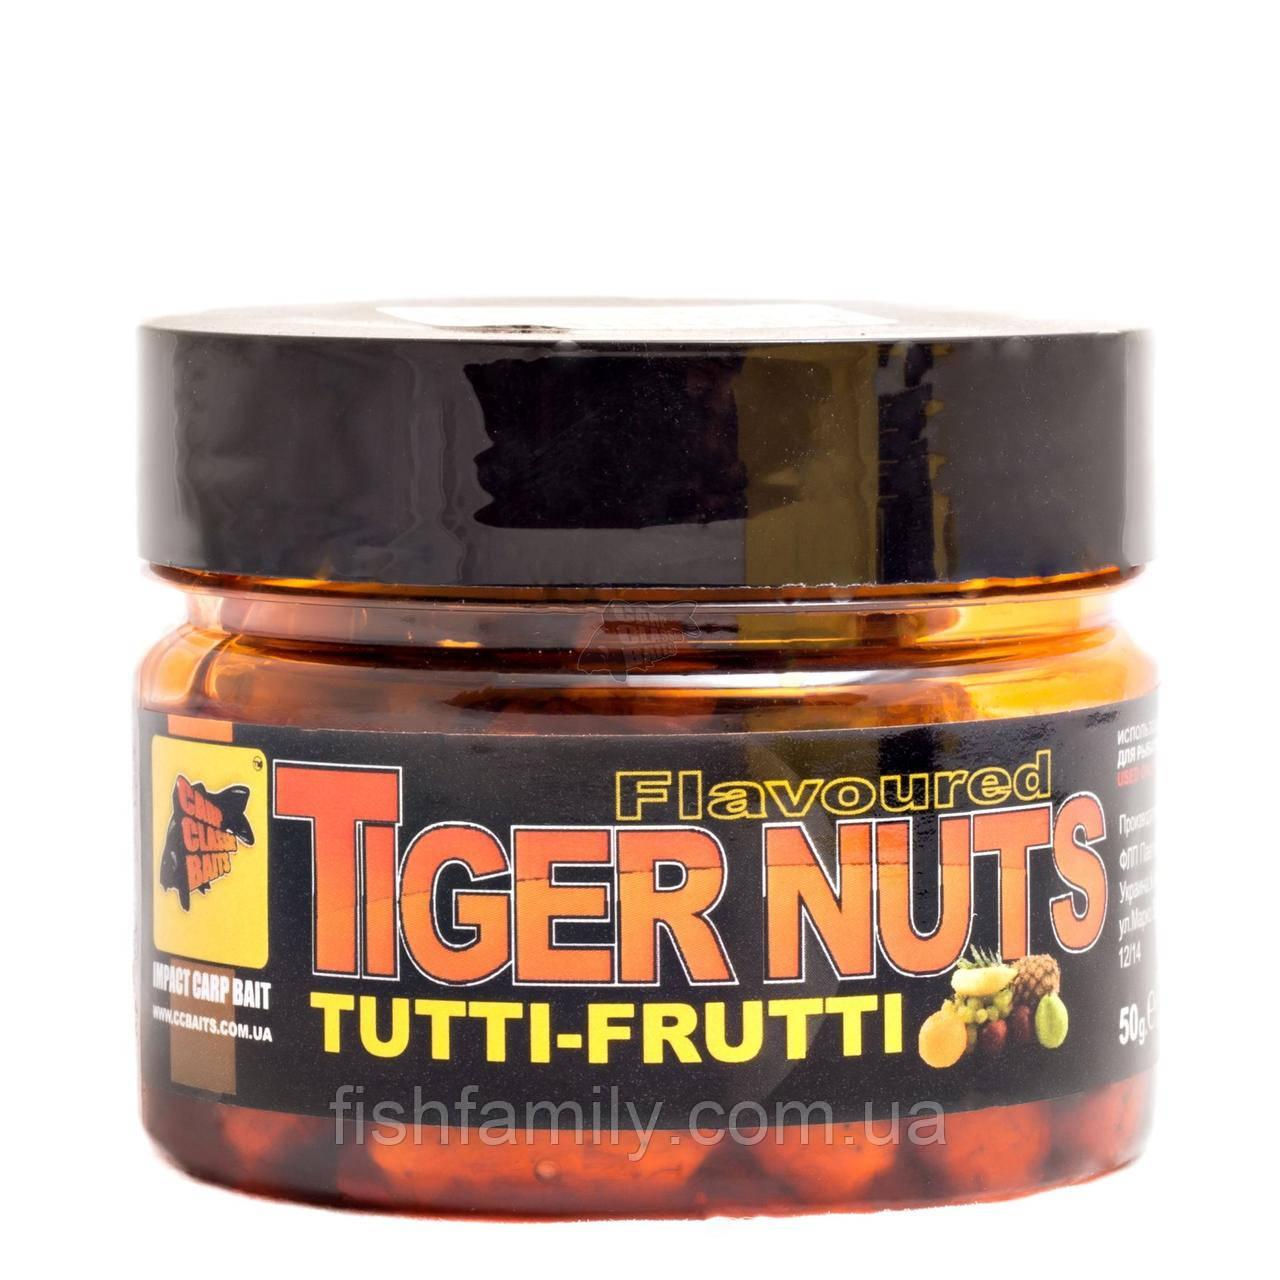 Ароматизированный Тигровый Орех Tutti Frutti [Тутти Фрутти], 50 гр, Тигровый Орех